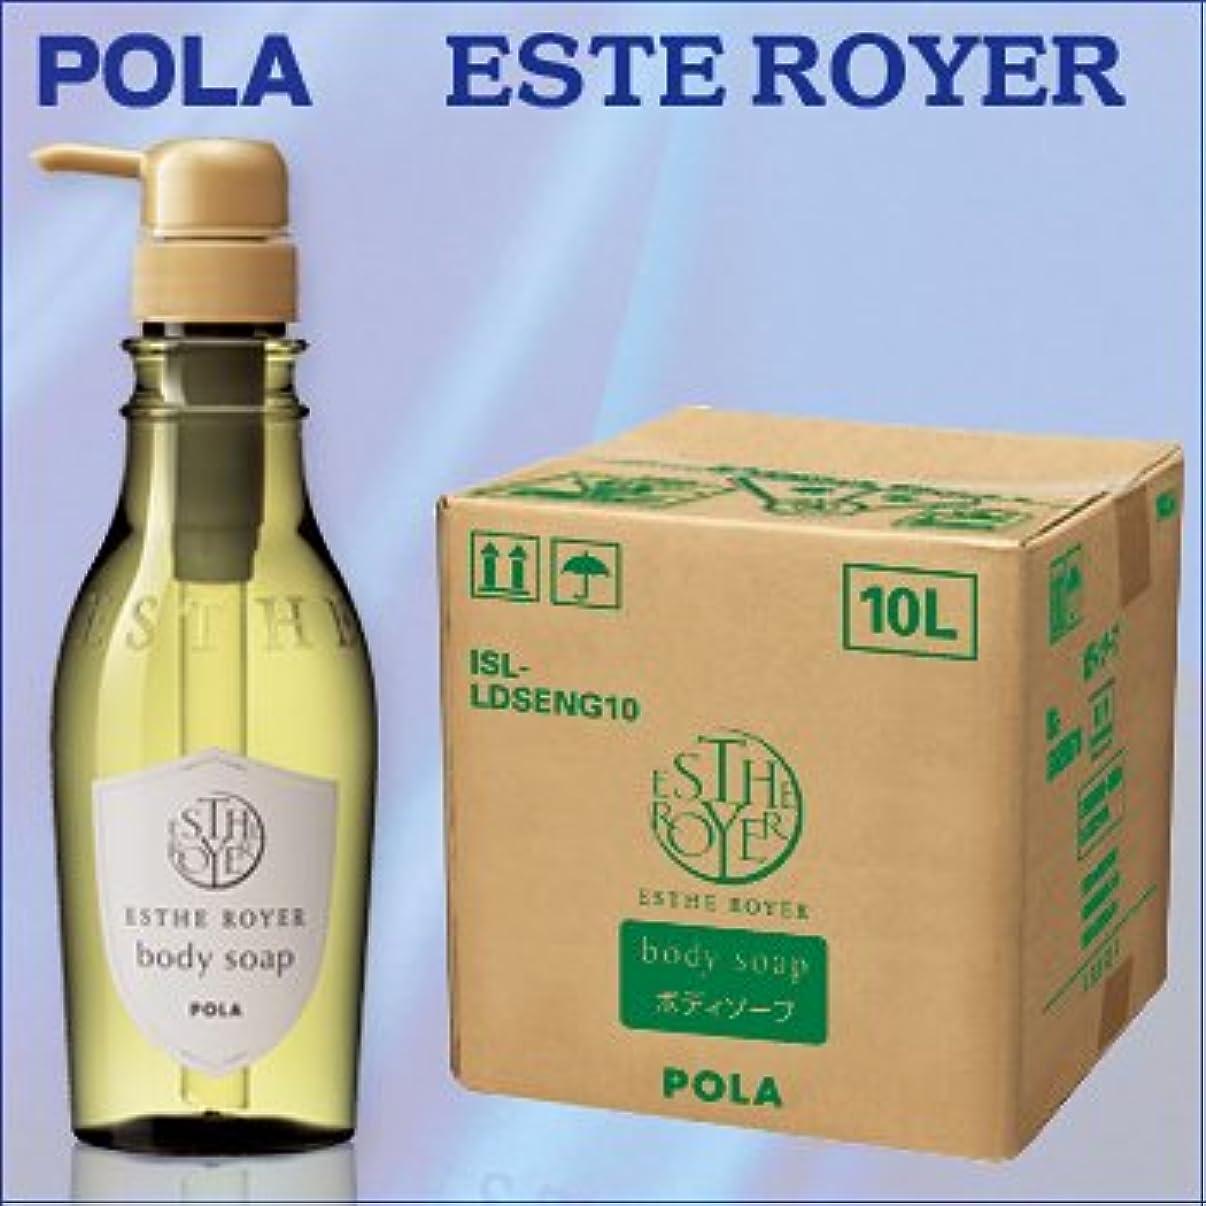 シーフード抽出後悔POLA エステロワイエ 業務用ボディソープ 10L (1セット10L入)